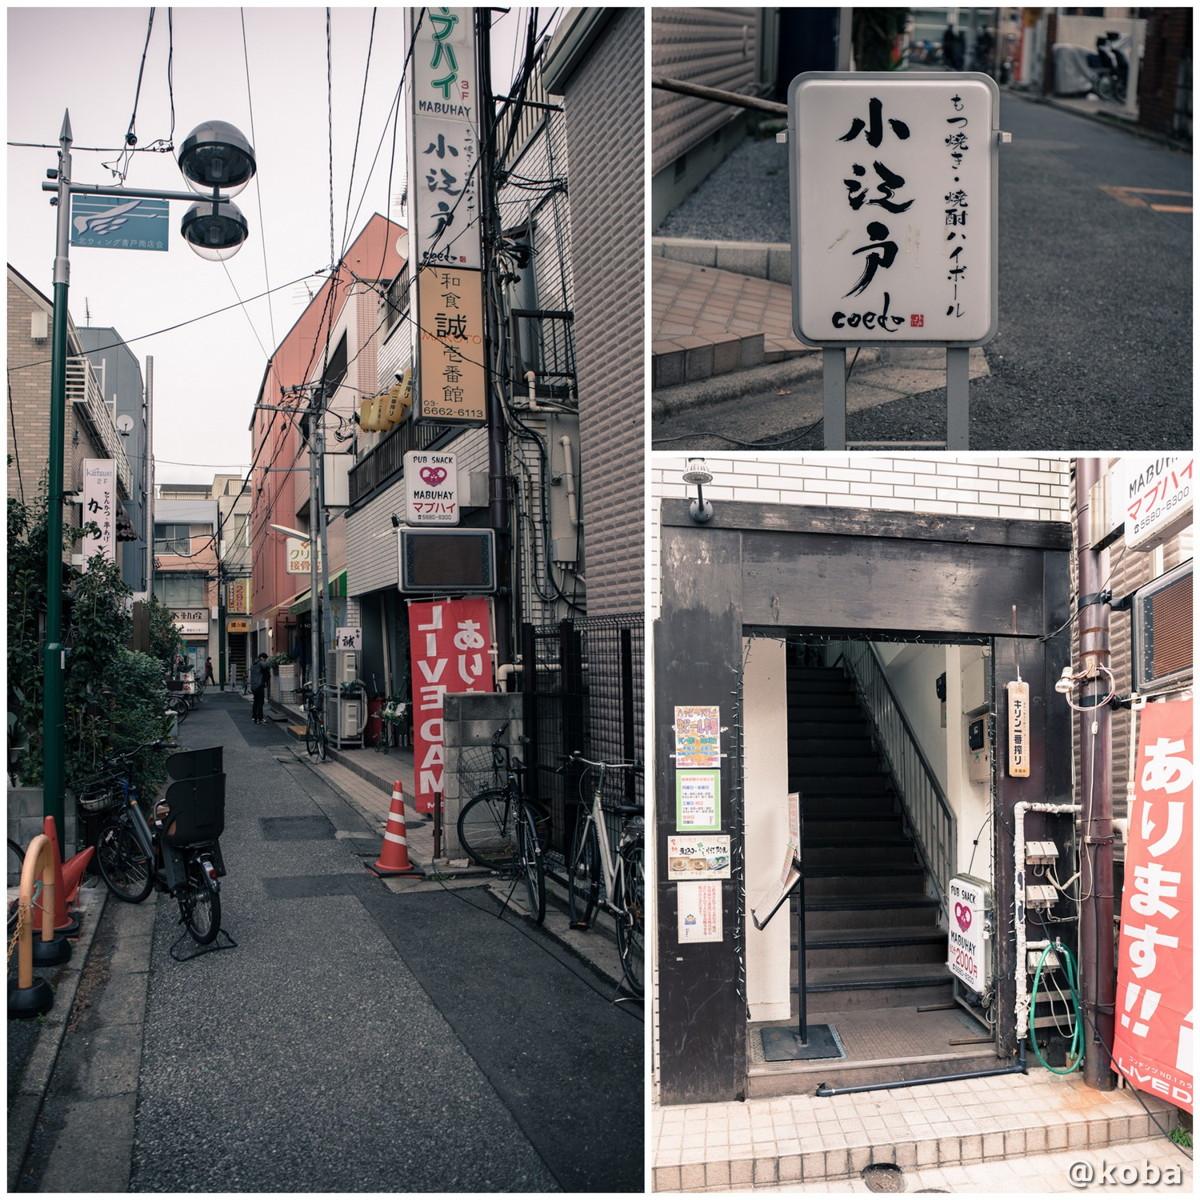 外観の写真|小江戸(coedo)居酒屋 もつ焼き|東京都葛飾区・京成青砥